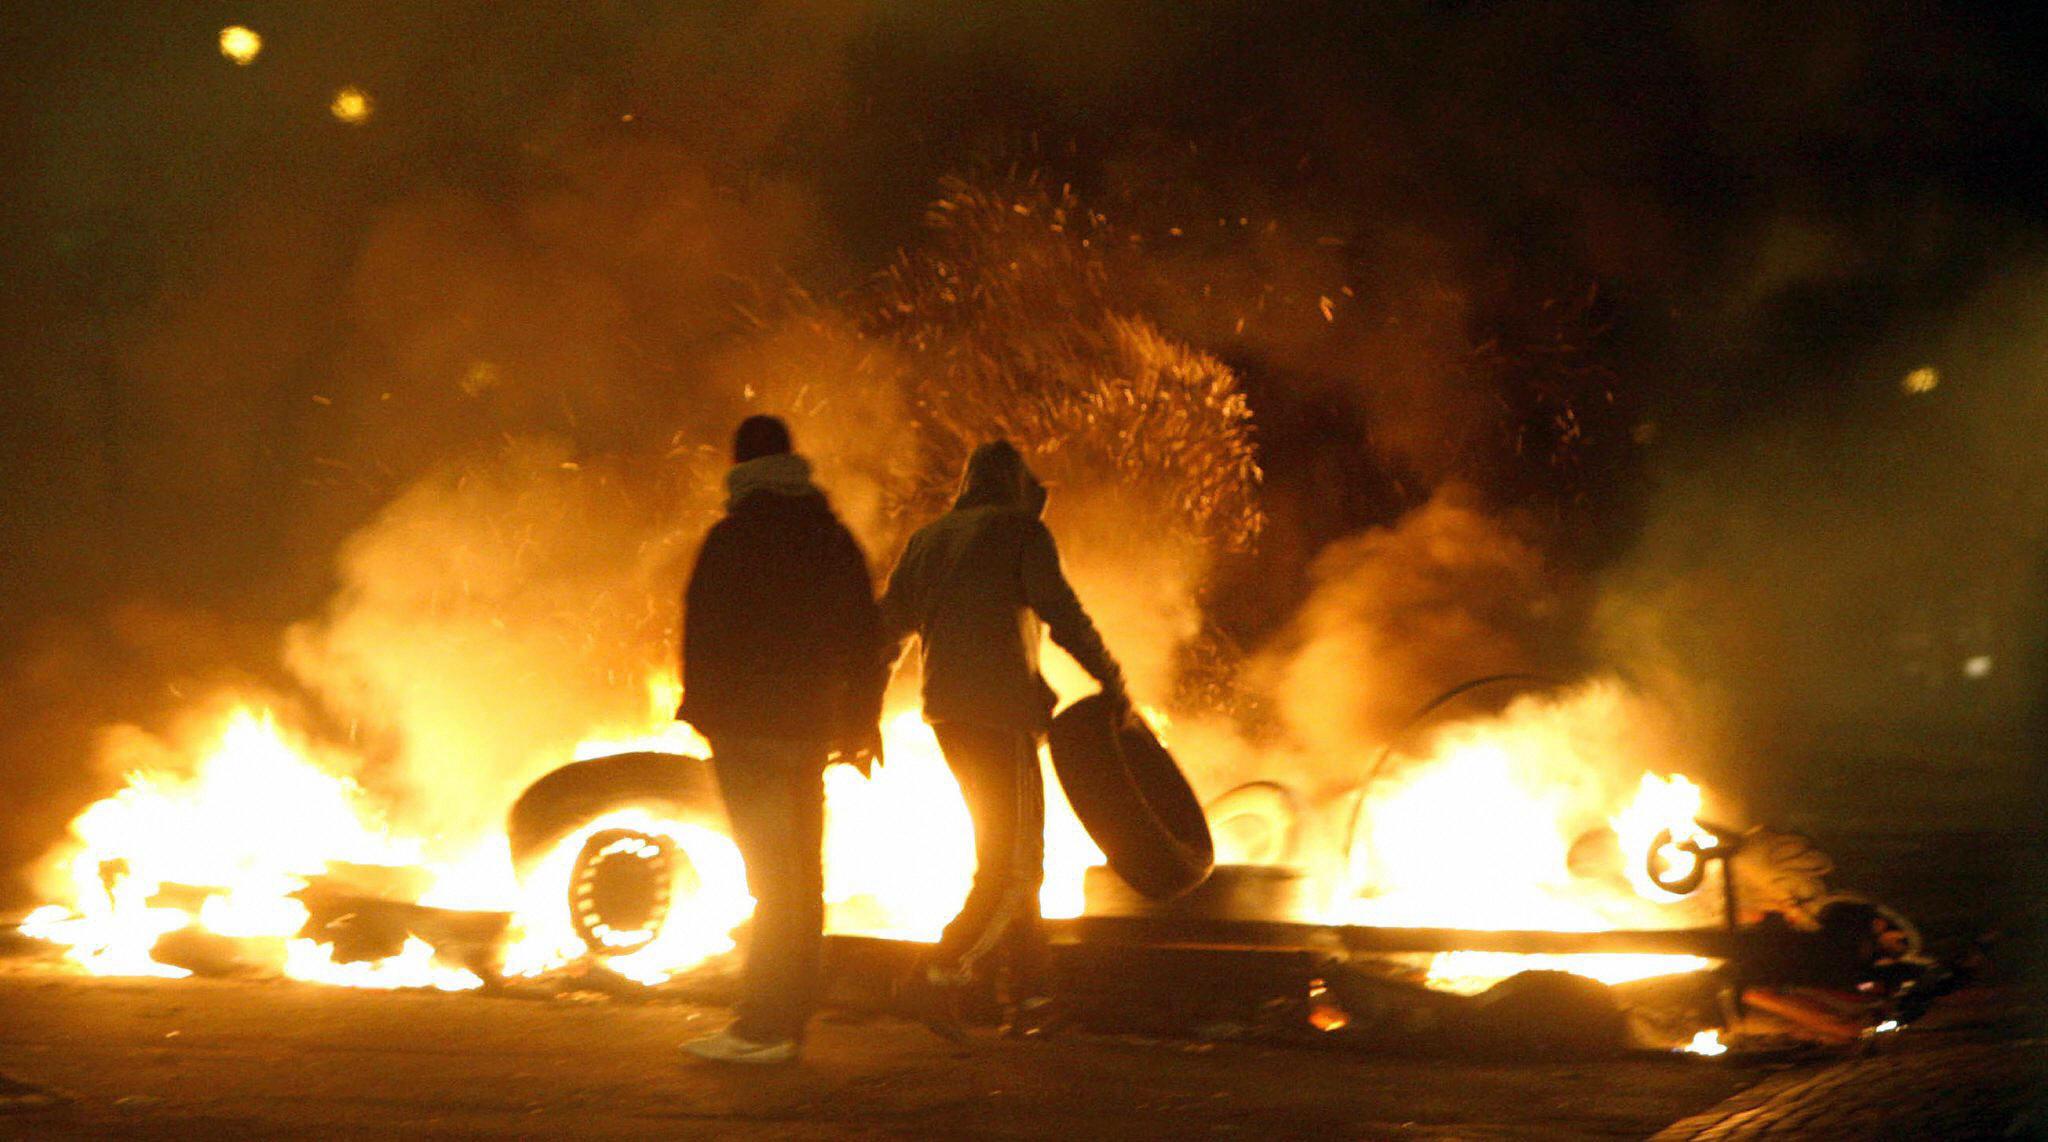 Schwere Unruhen in Stockholm – Realität holt Medienwirbel um Trump-Zitat ein